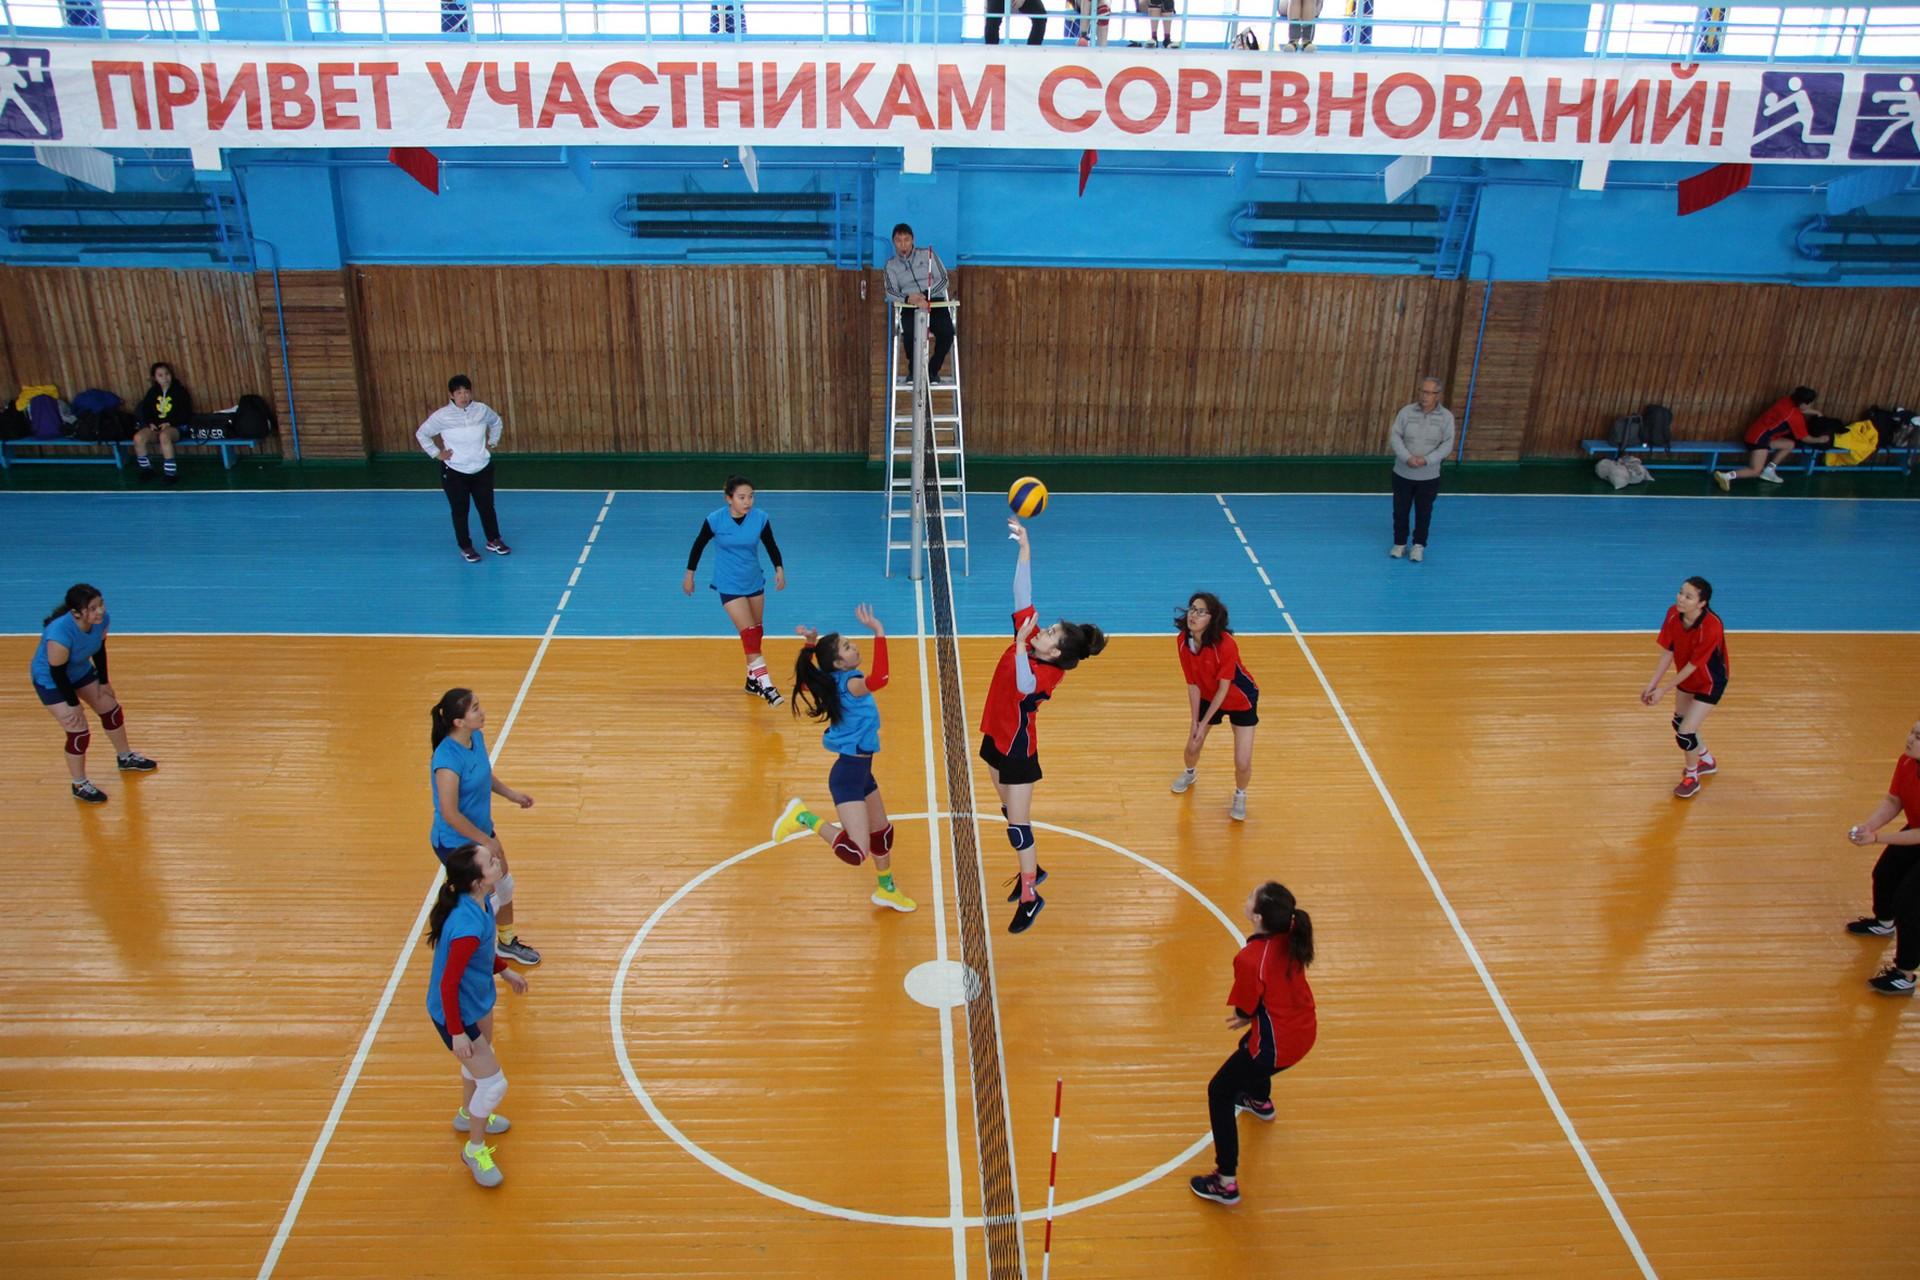 Прошли открытый турнир на кубок «Дружба» по волейболу среди мужских команд и Чемпионат города Байконура по волейболу среди женских команд